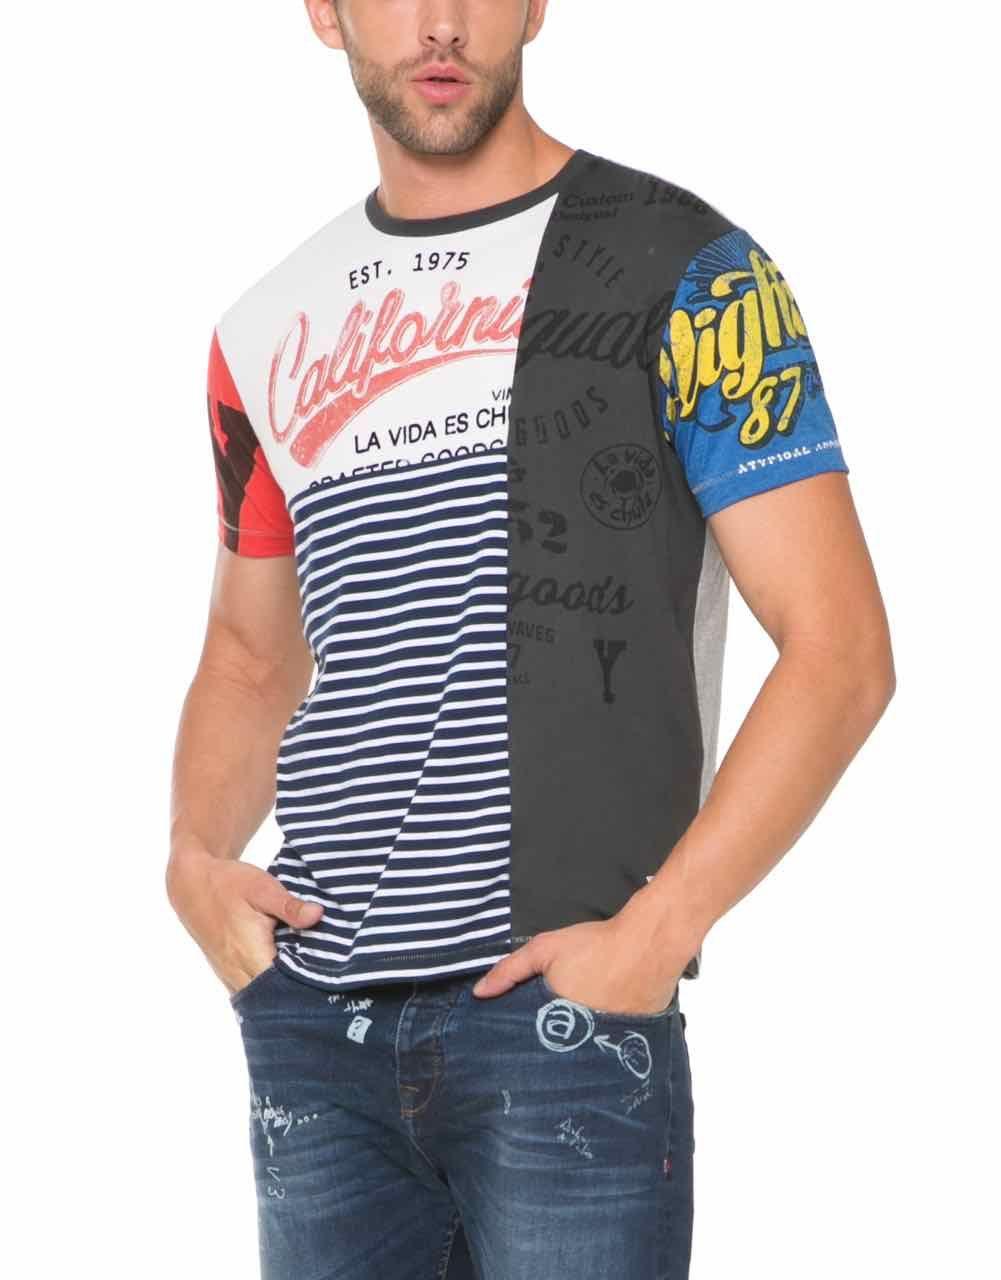 ec241285f5601 Desigual es la más famosa tienda de moda en España. La ropa para hombre es  muy fea. Baldvin og Bjarni